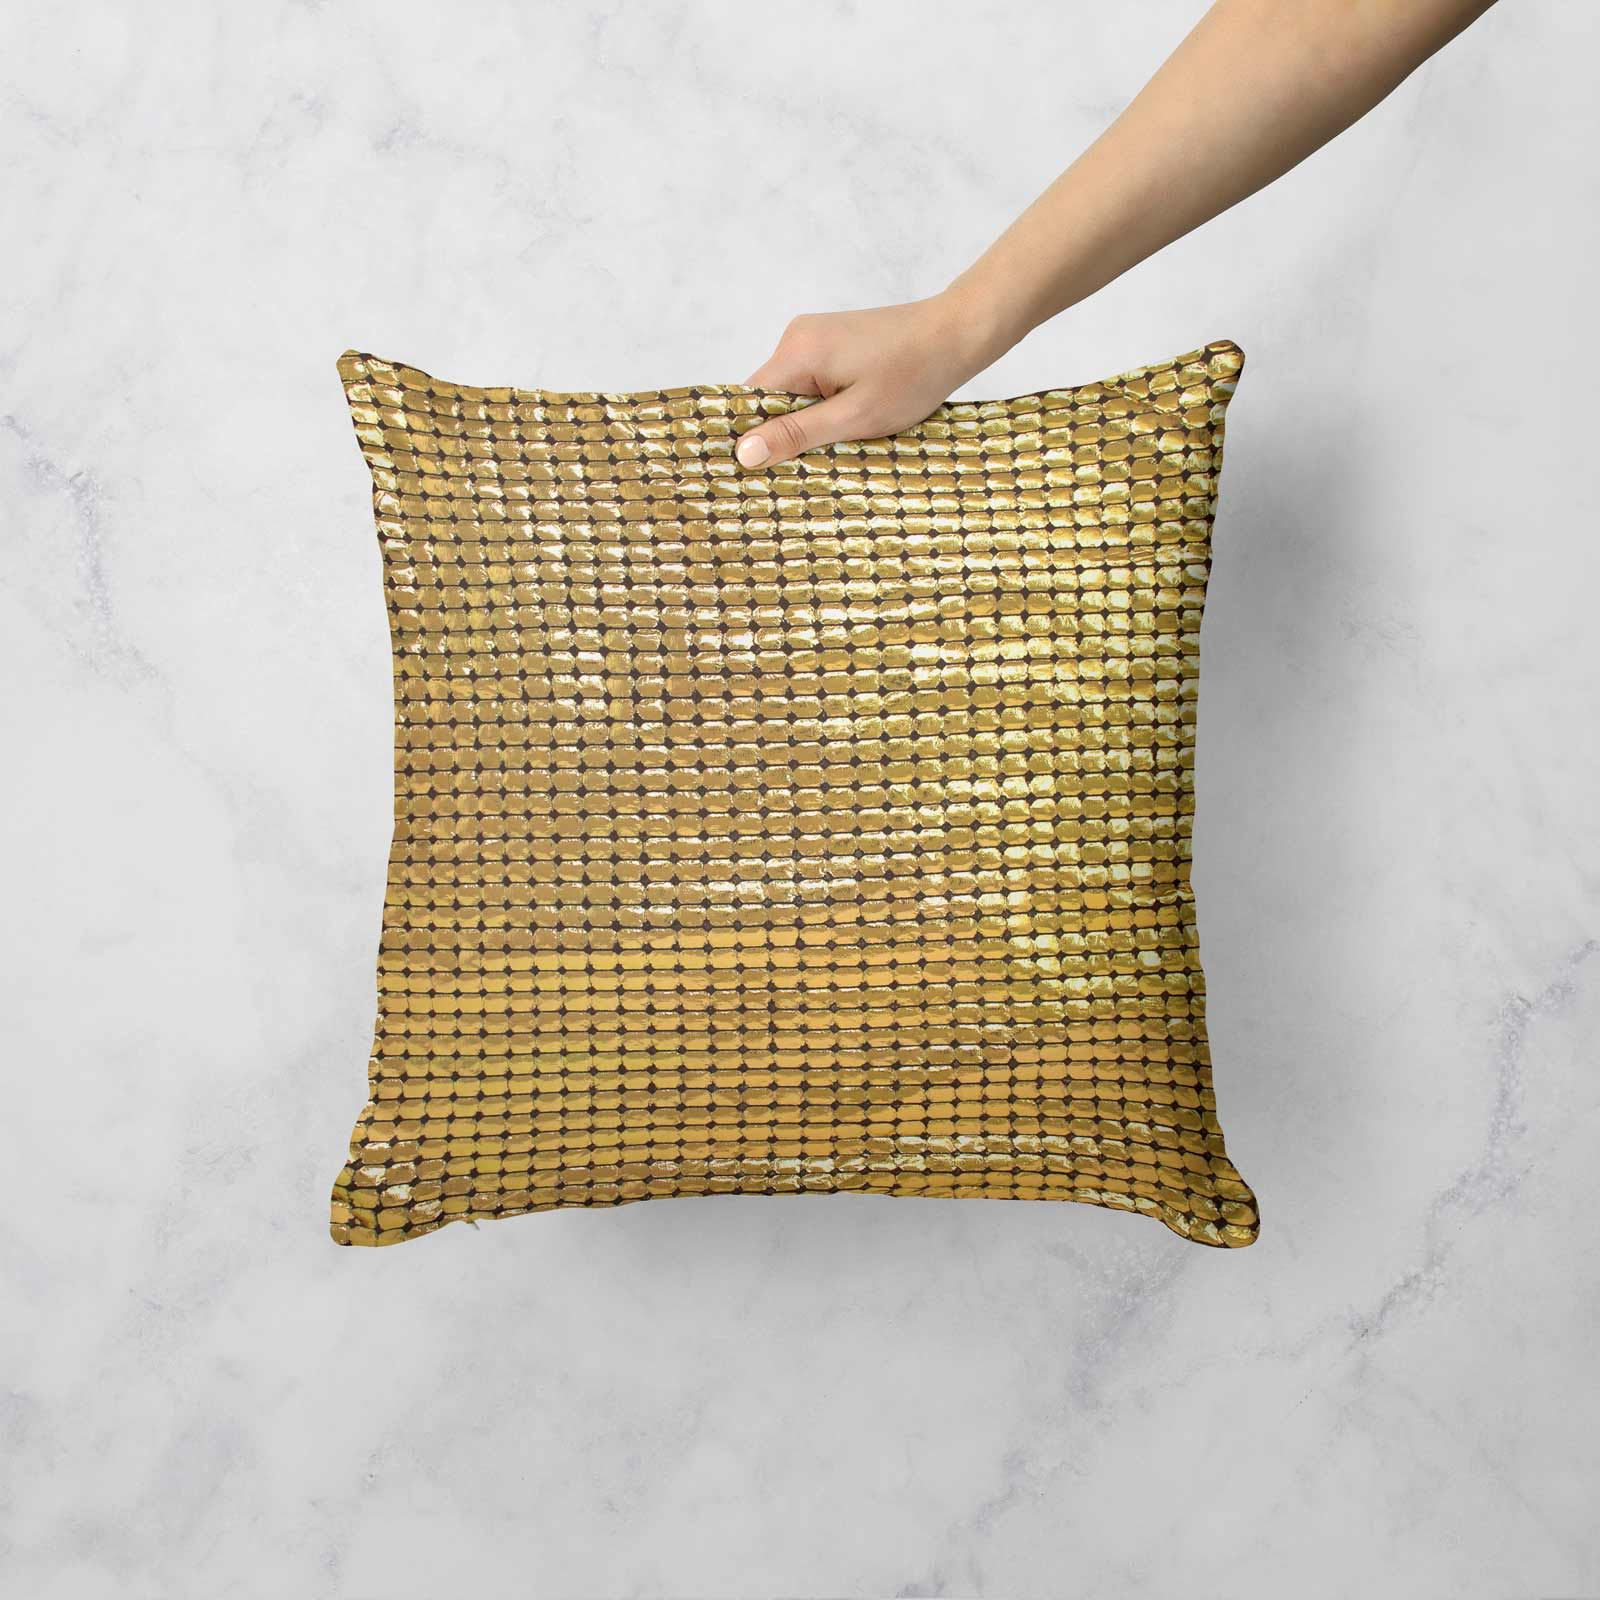 Impresion-de-lamina-metalica-Moderno-Funda-De-Cojin-Almohadon-cubiertas-de-cojines-18-034-X-18-034 miniatura 18